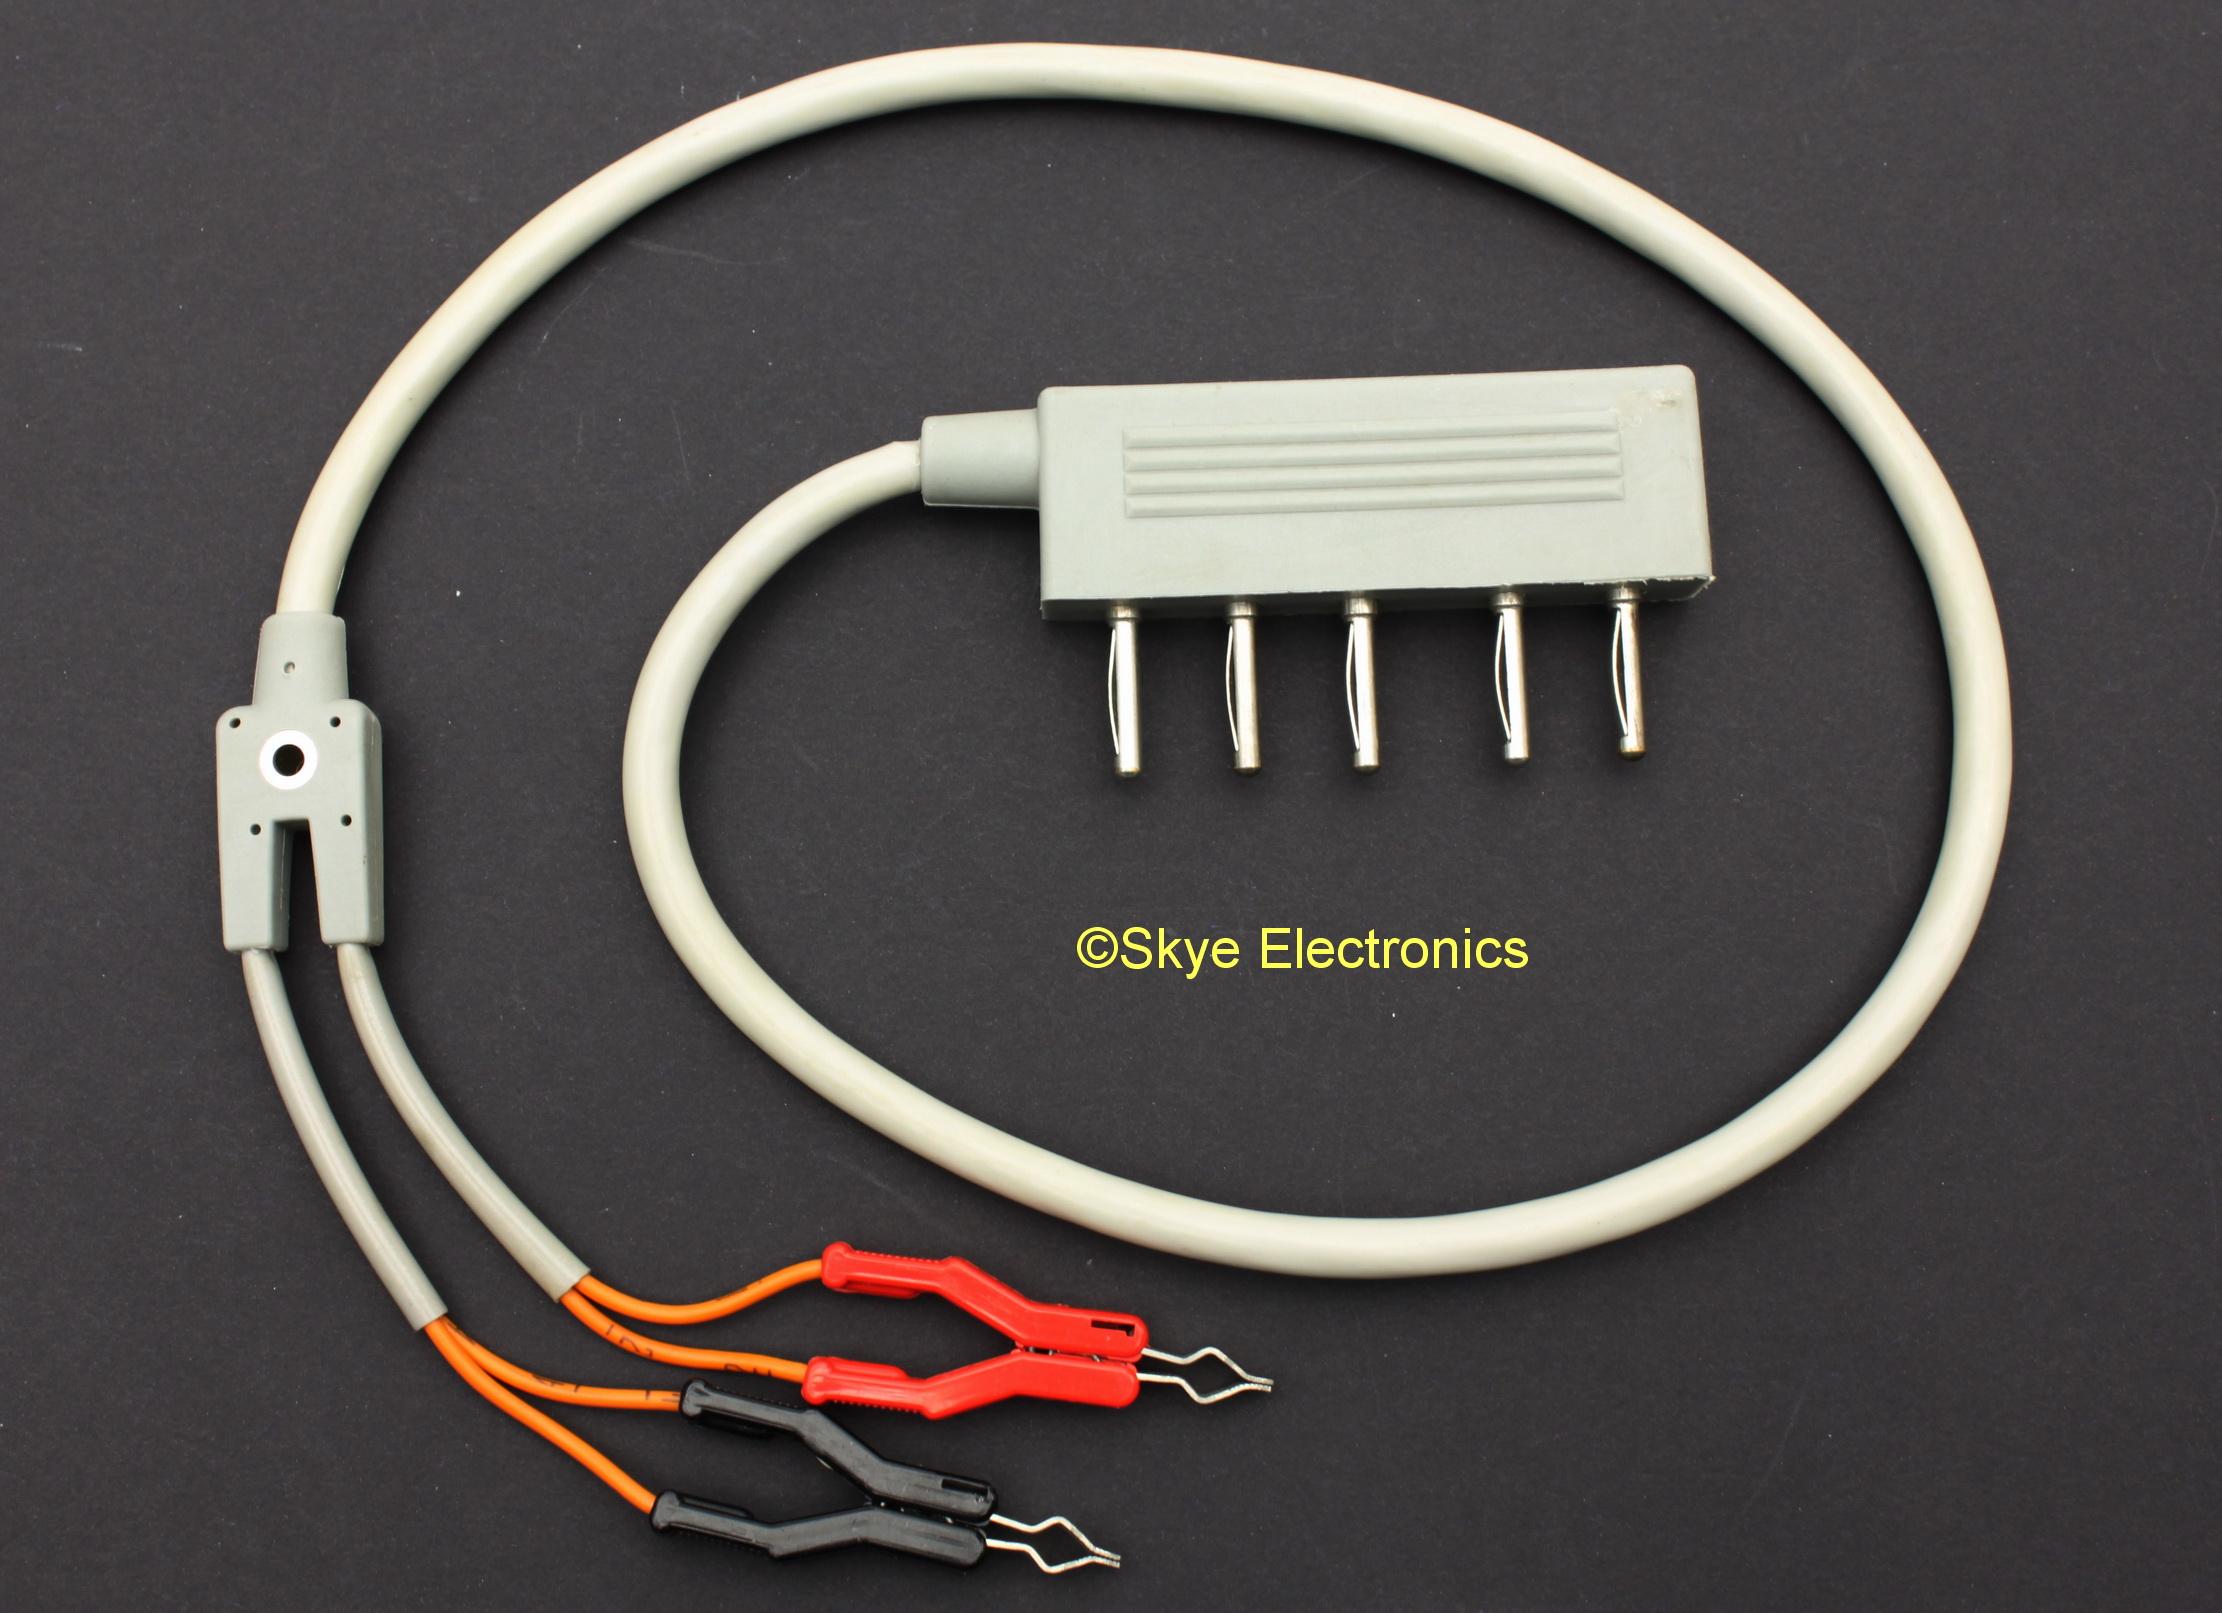 Philips PM9541 Skye Electronics